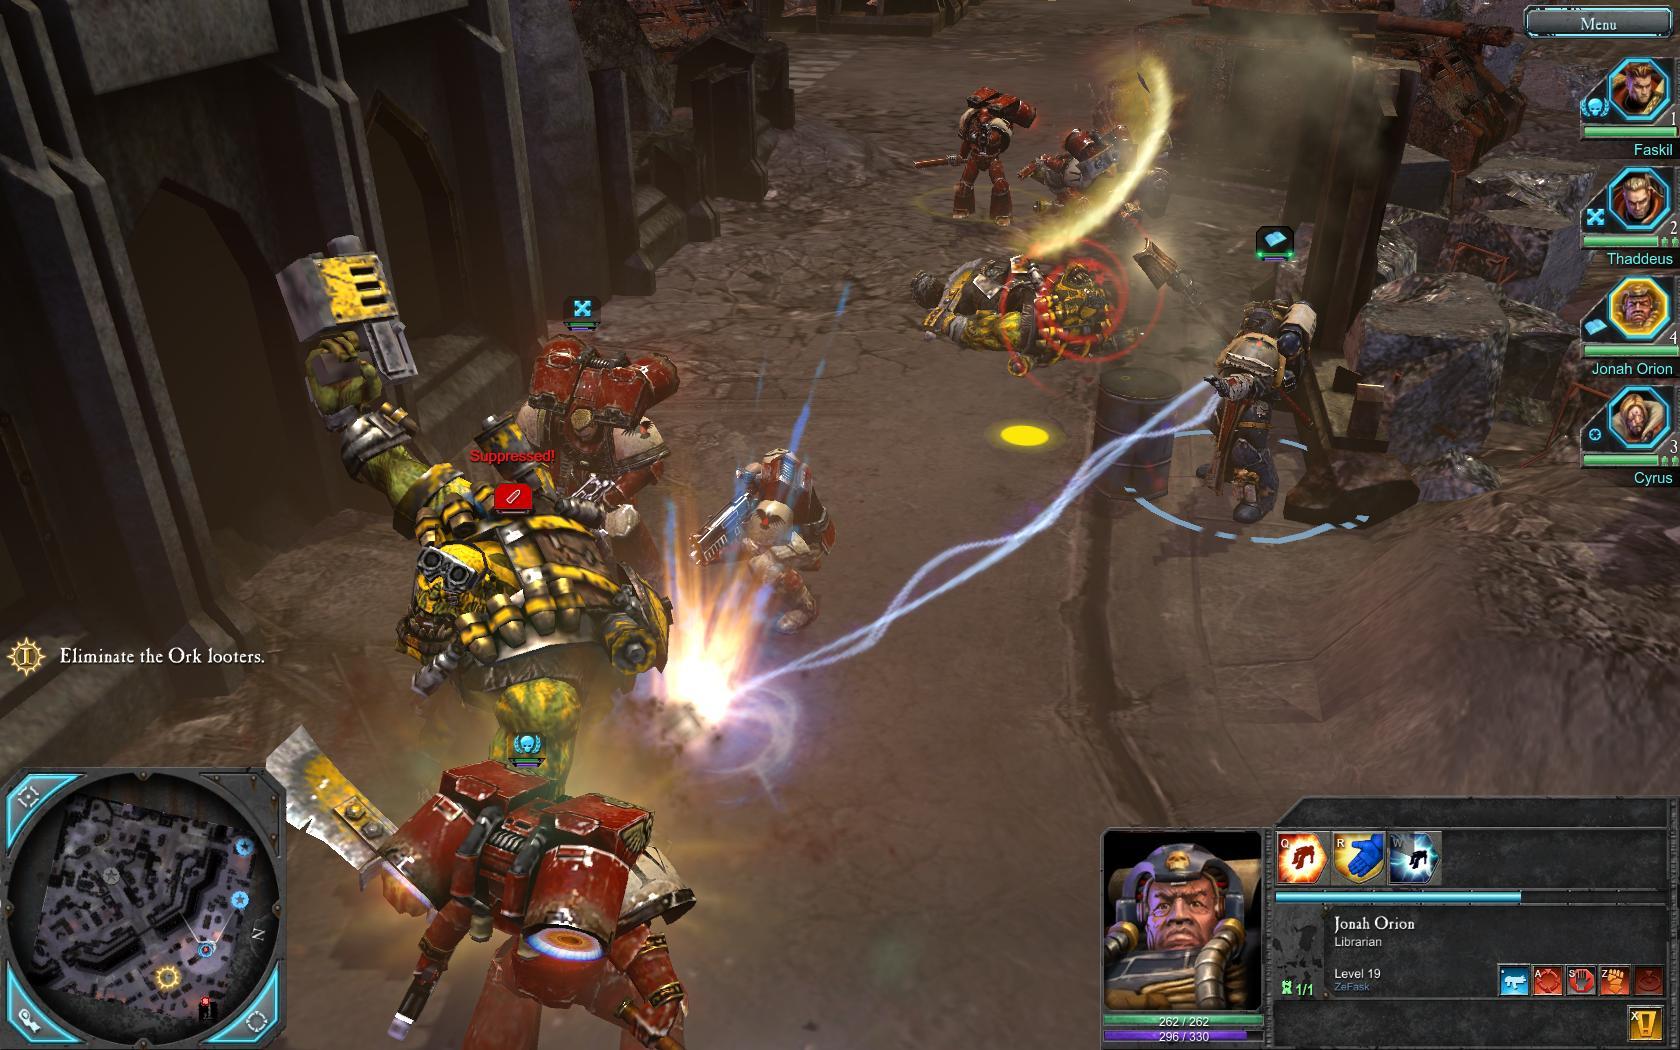 DawnOfWarII-ChaosRising PC test004